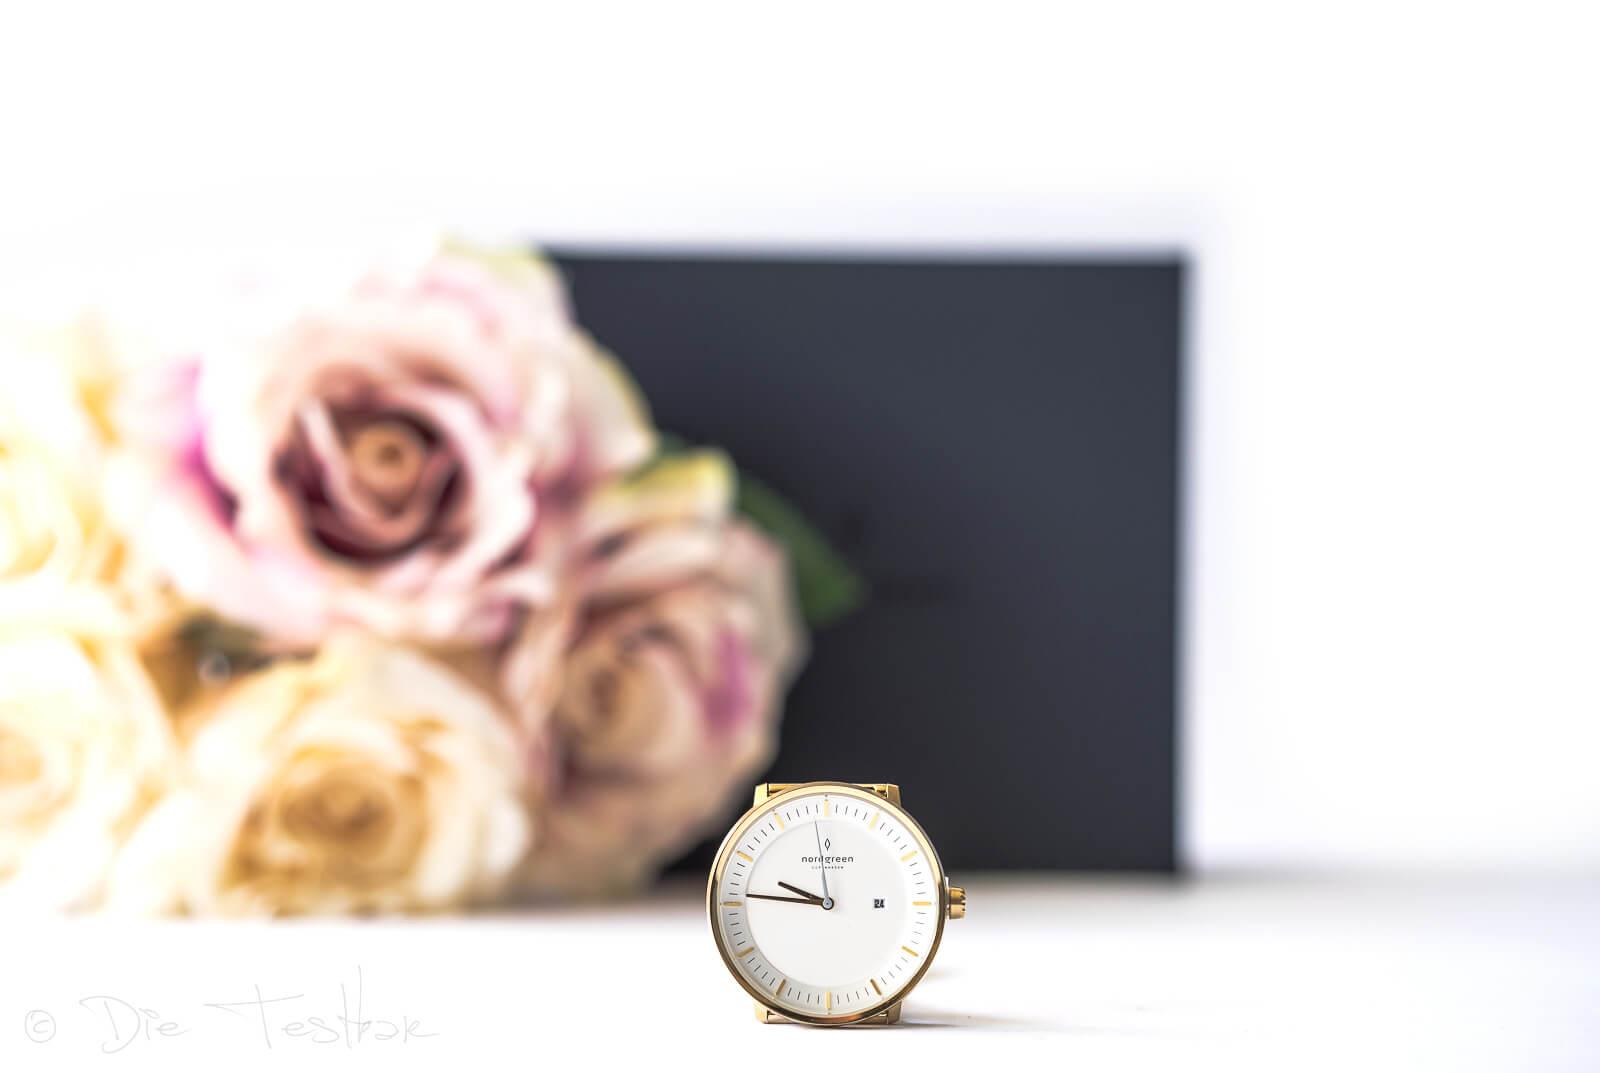 Gewinnspiel - Skandinavischer Chic mit zeitlos schöner Eleganz - Hochwertige Armbanduhr nach Wahl von Nordgreen zu gewinnen